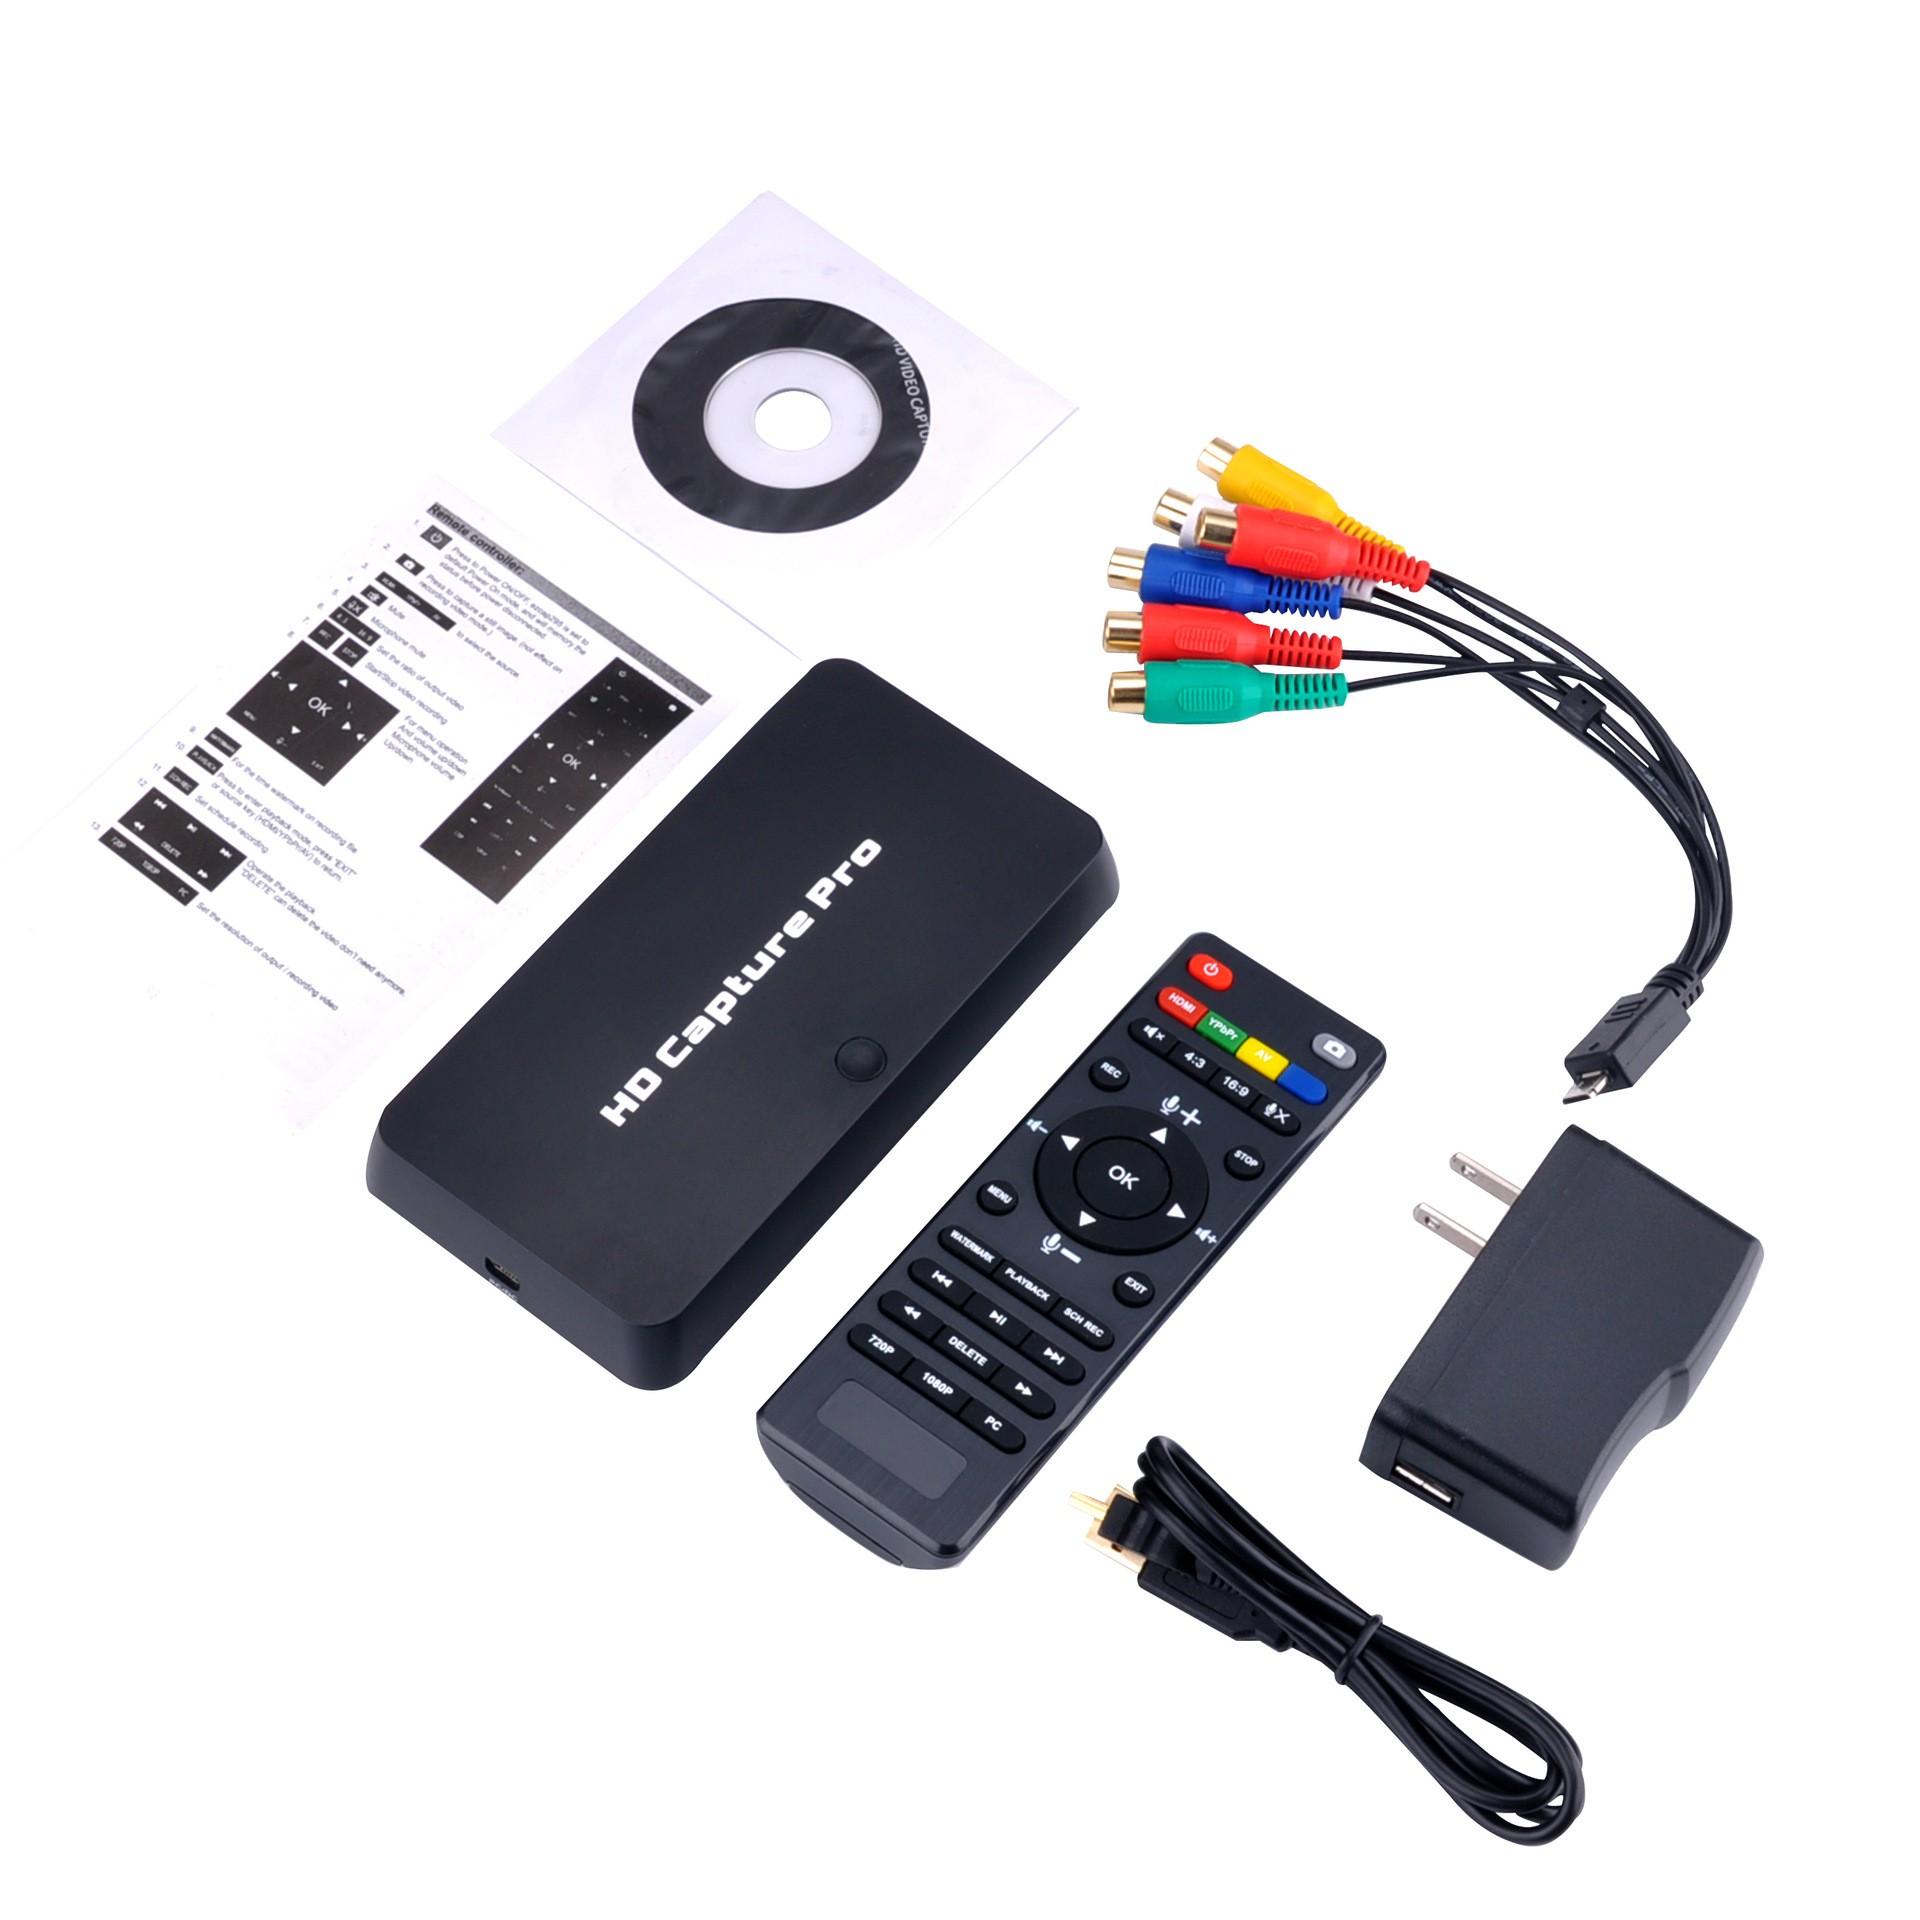 Карта видеозахвата Ezcap 295 Pro HDMI 1080P – микрофон, Live-видео, воспроизведение 251540